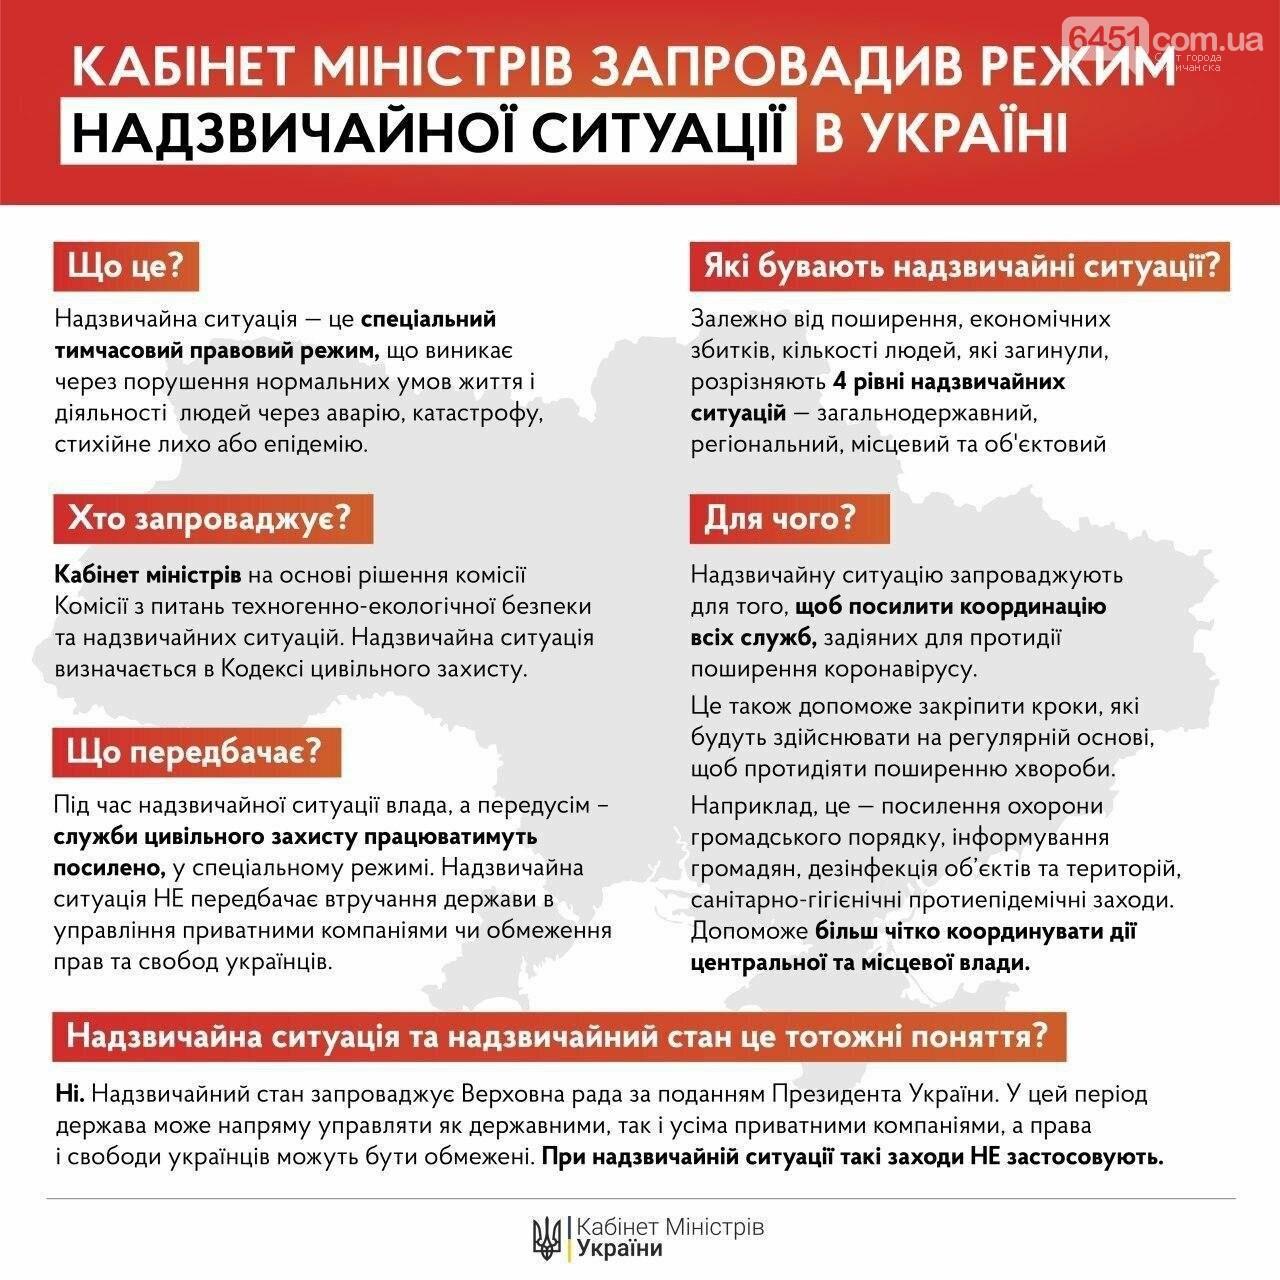 Кабмин продлил карантин до 24 апреля и намерен ввести режим чрезвычайной ситуации по всей Украине (Обновляется), фото-1